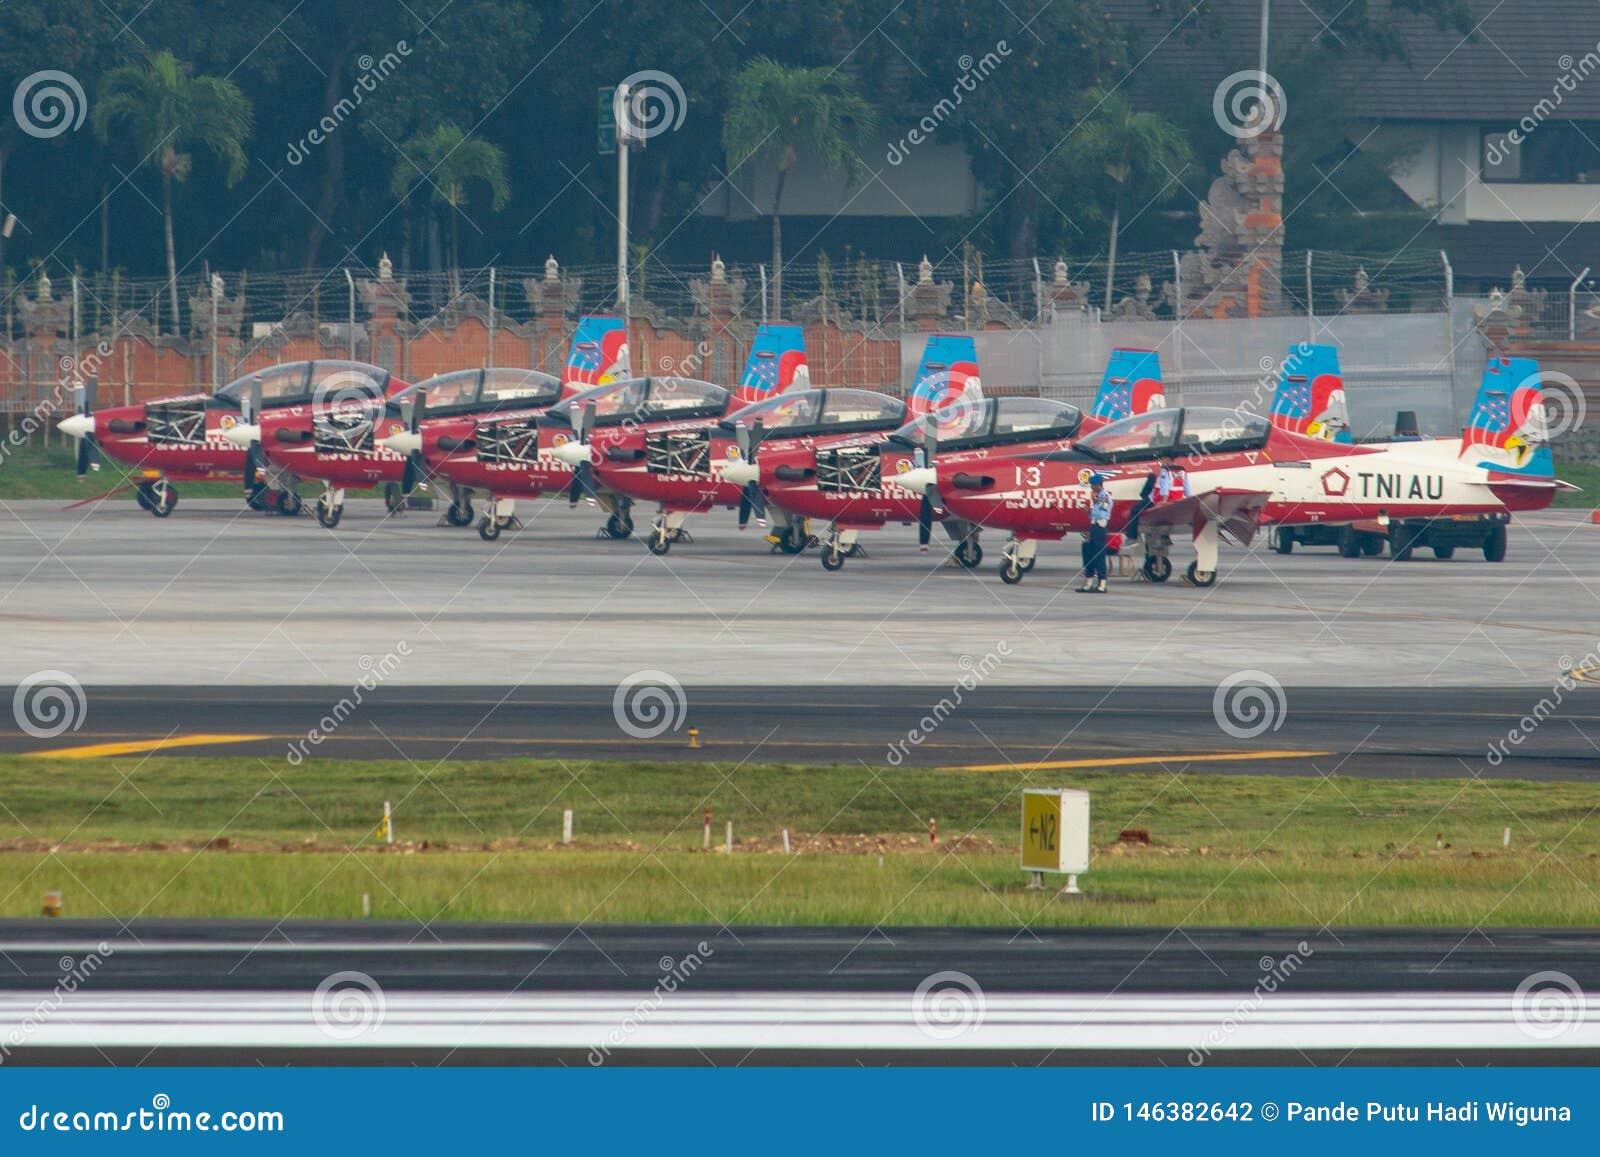 DENPASAR/BALI- 16-ОЕ АПРЕЛЯ 2019: 7 воздушных судн команды Юпитера принадлежа индонезийской военновоздушной силе паркуются на рис